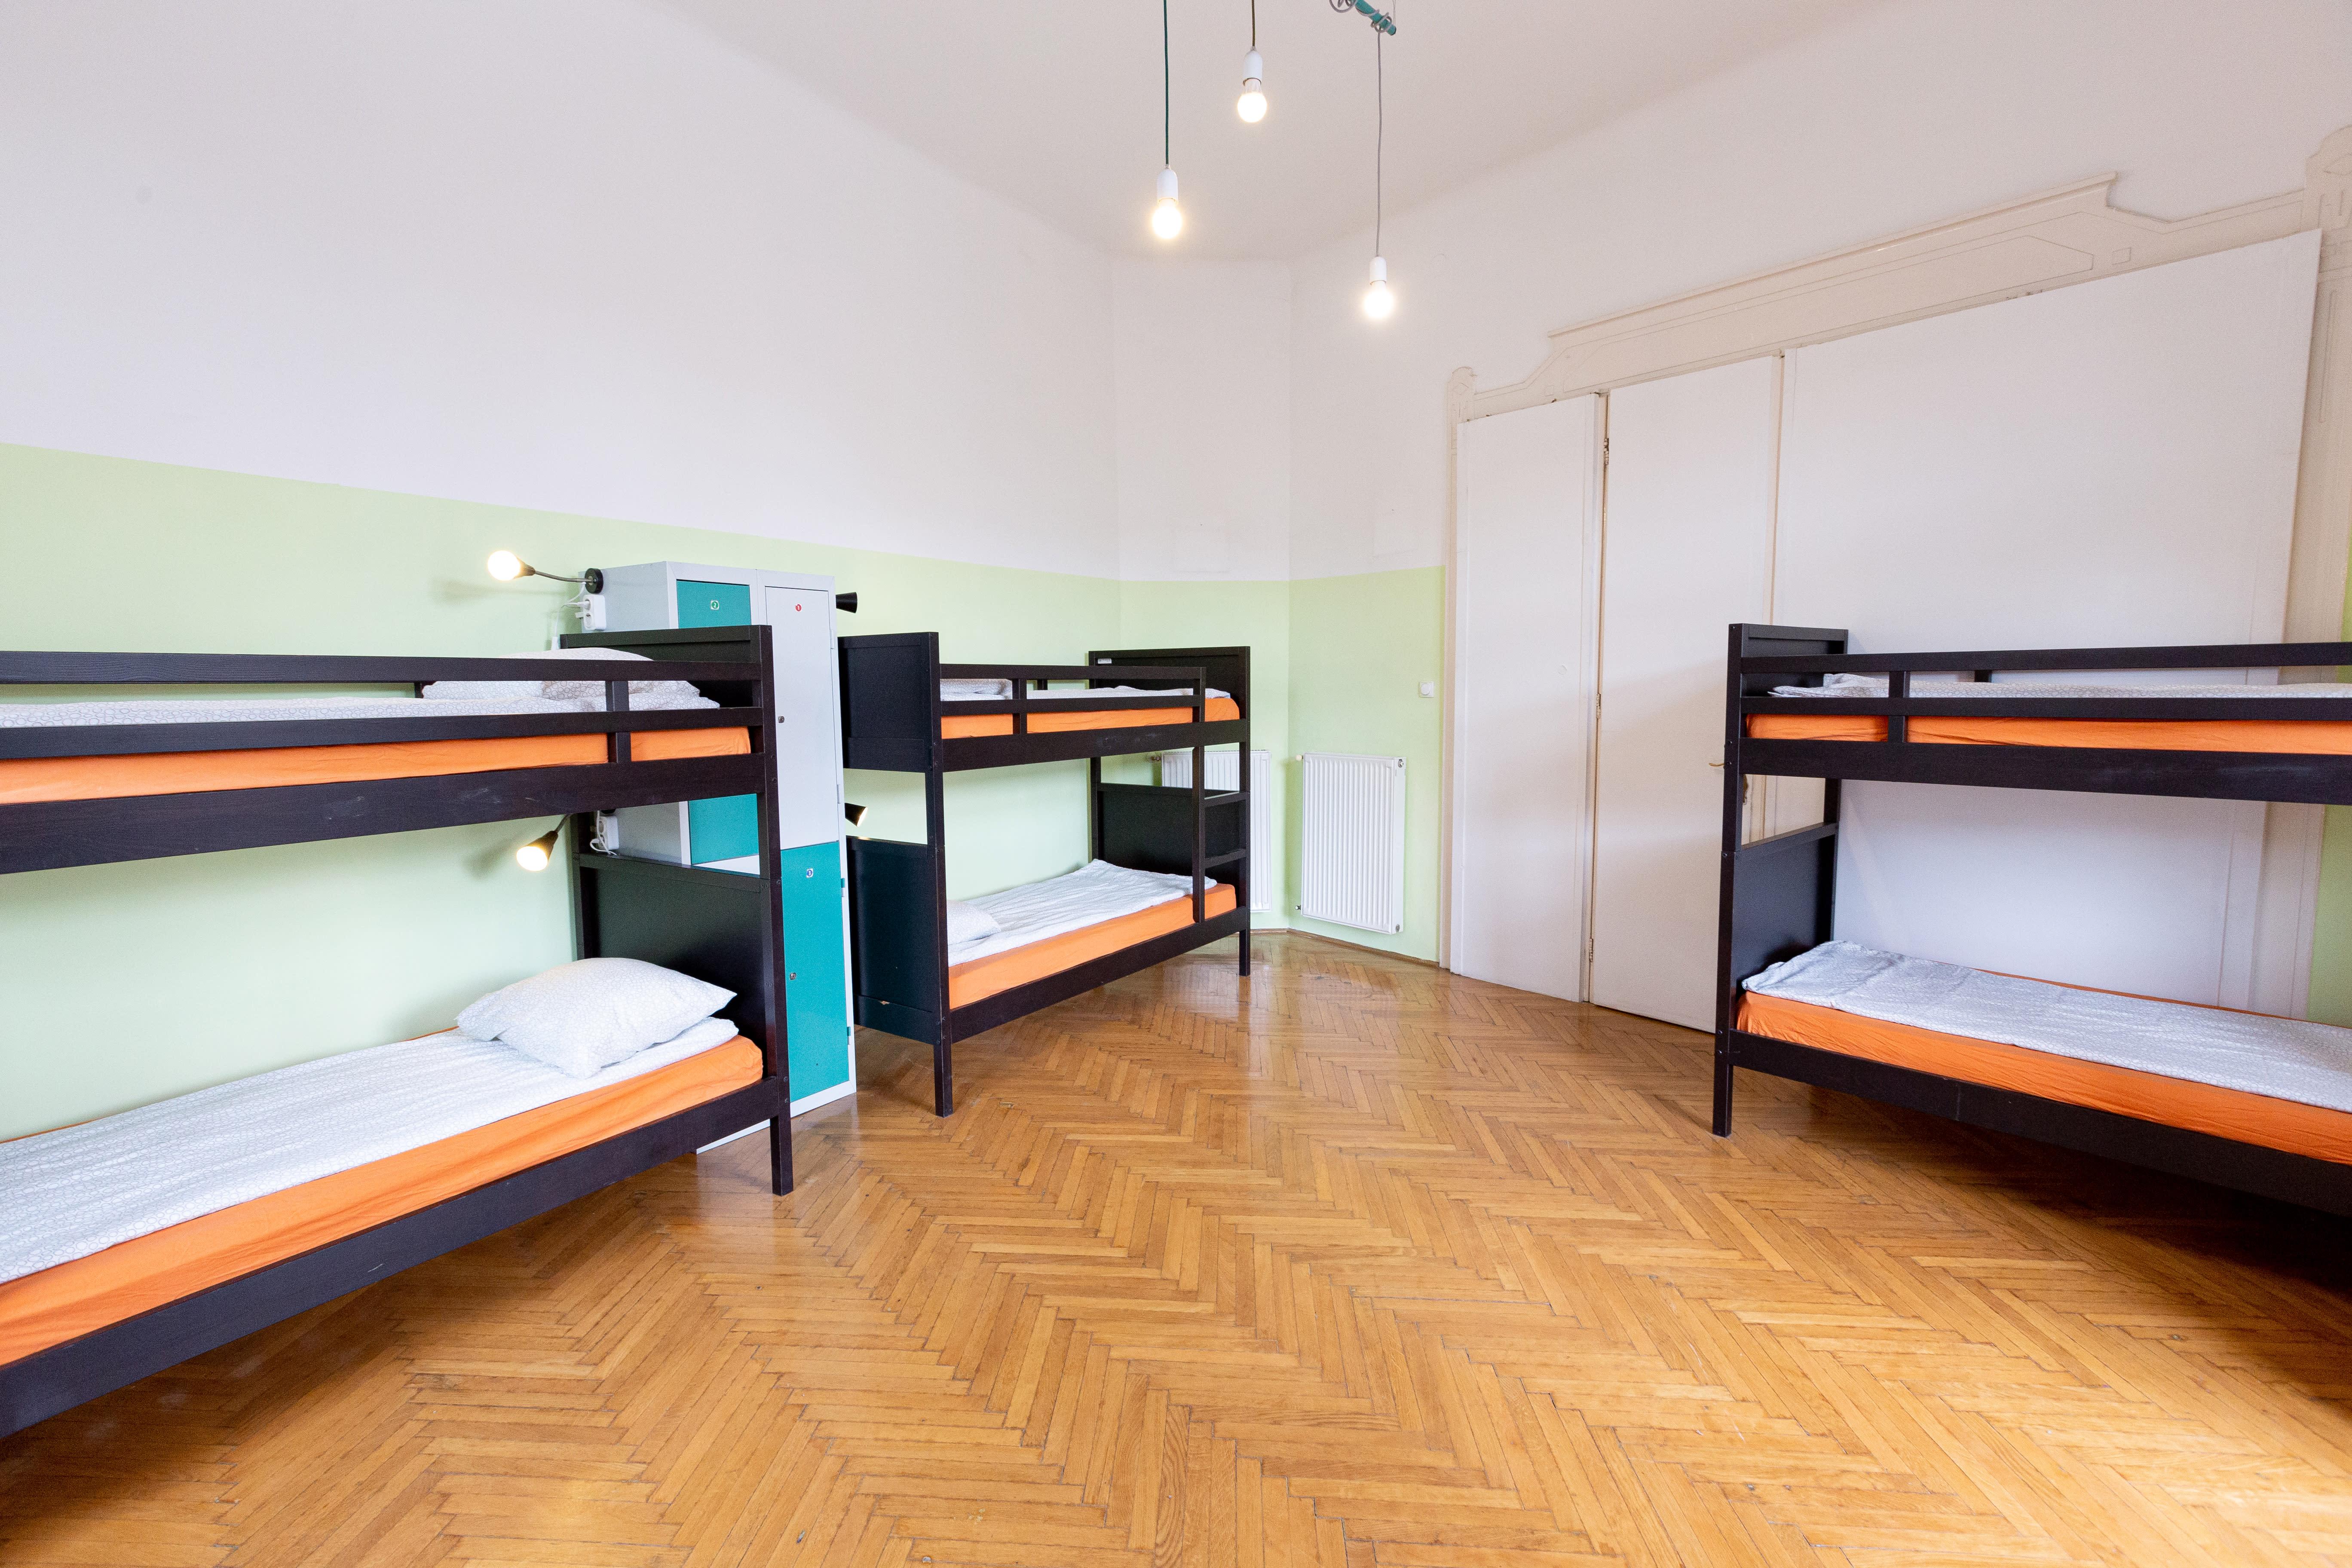 HOSTEL - Spicy Hostel